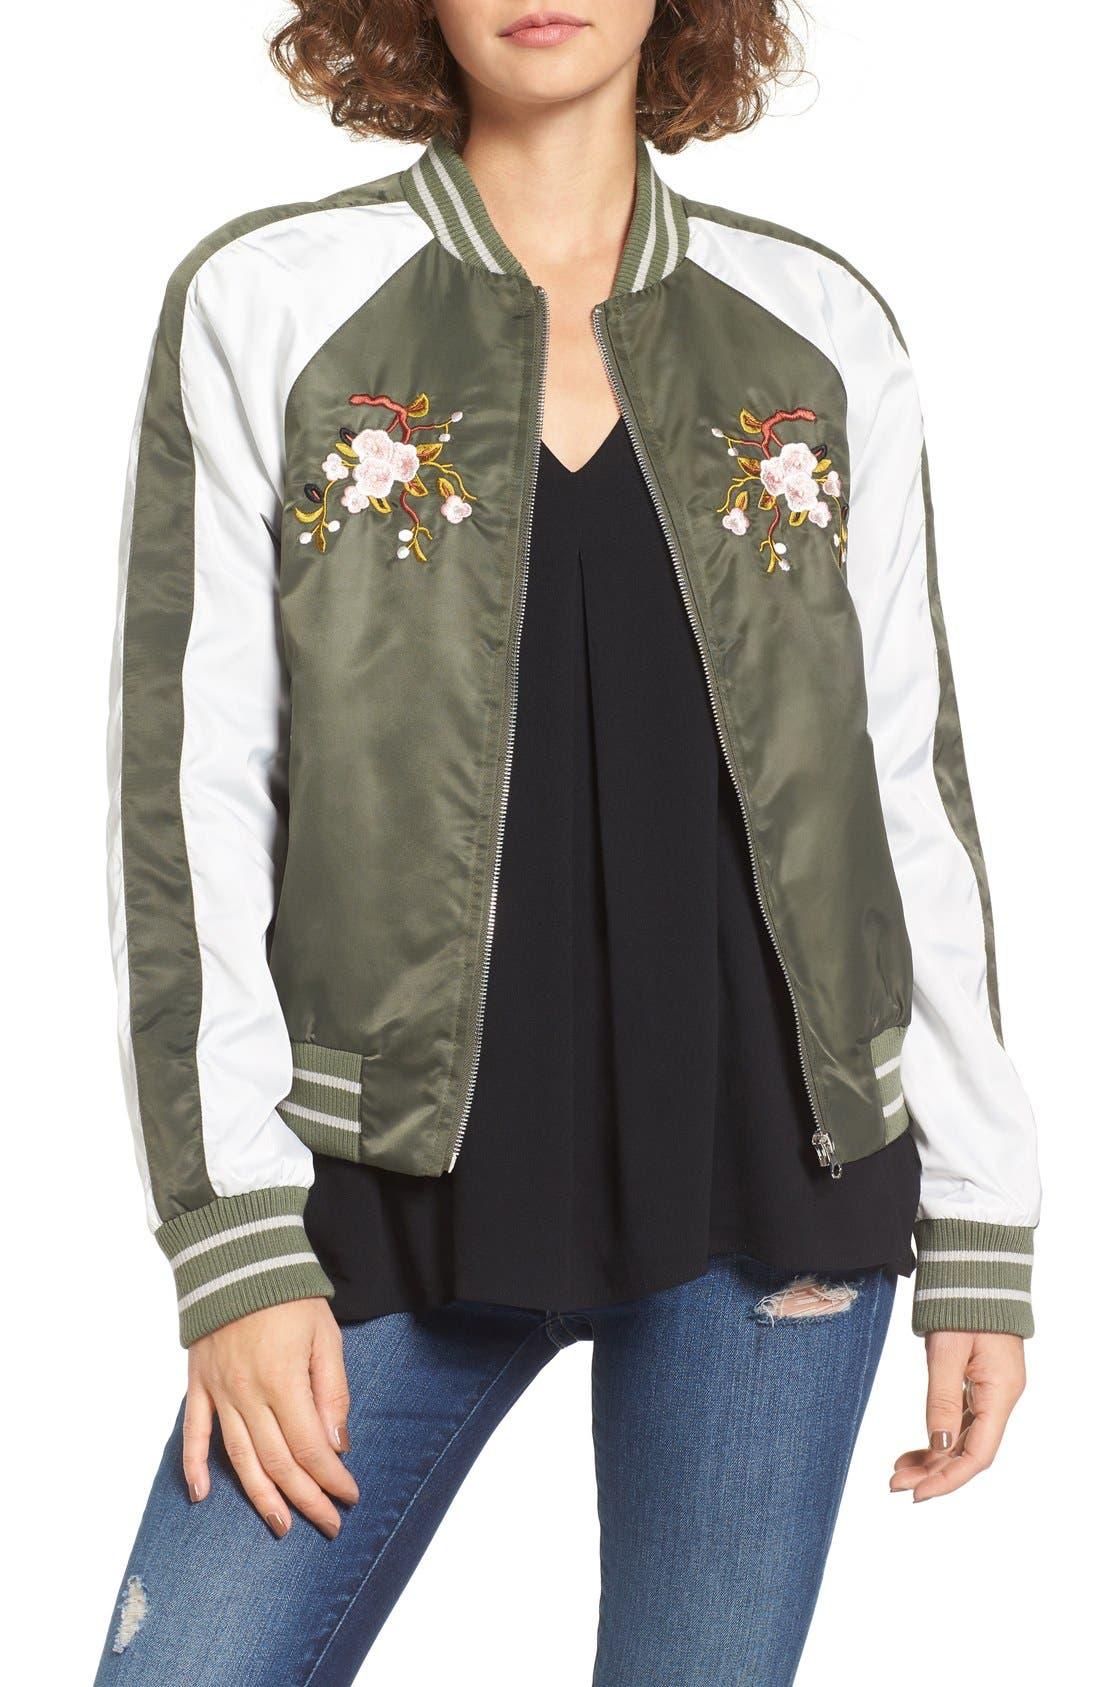 Main Image - Glamorous Embroidered Satin Bomber Jacket